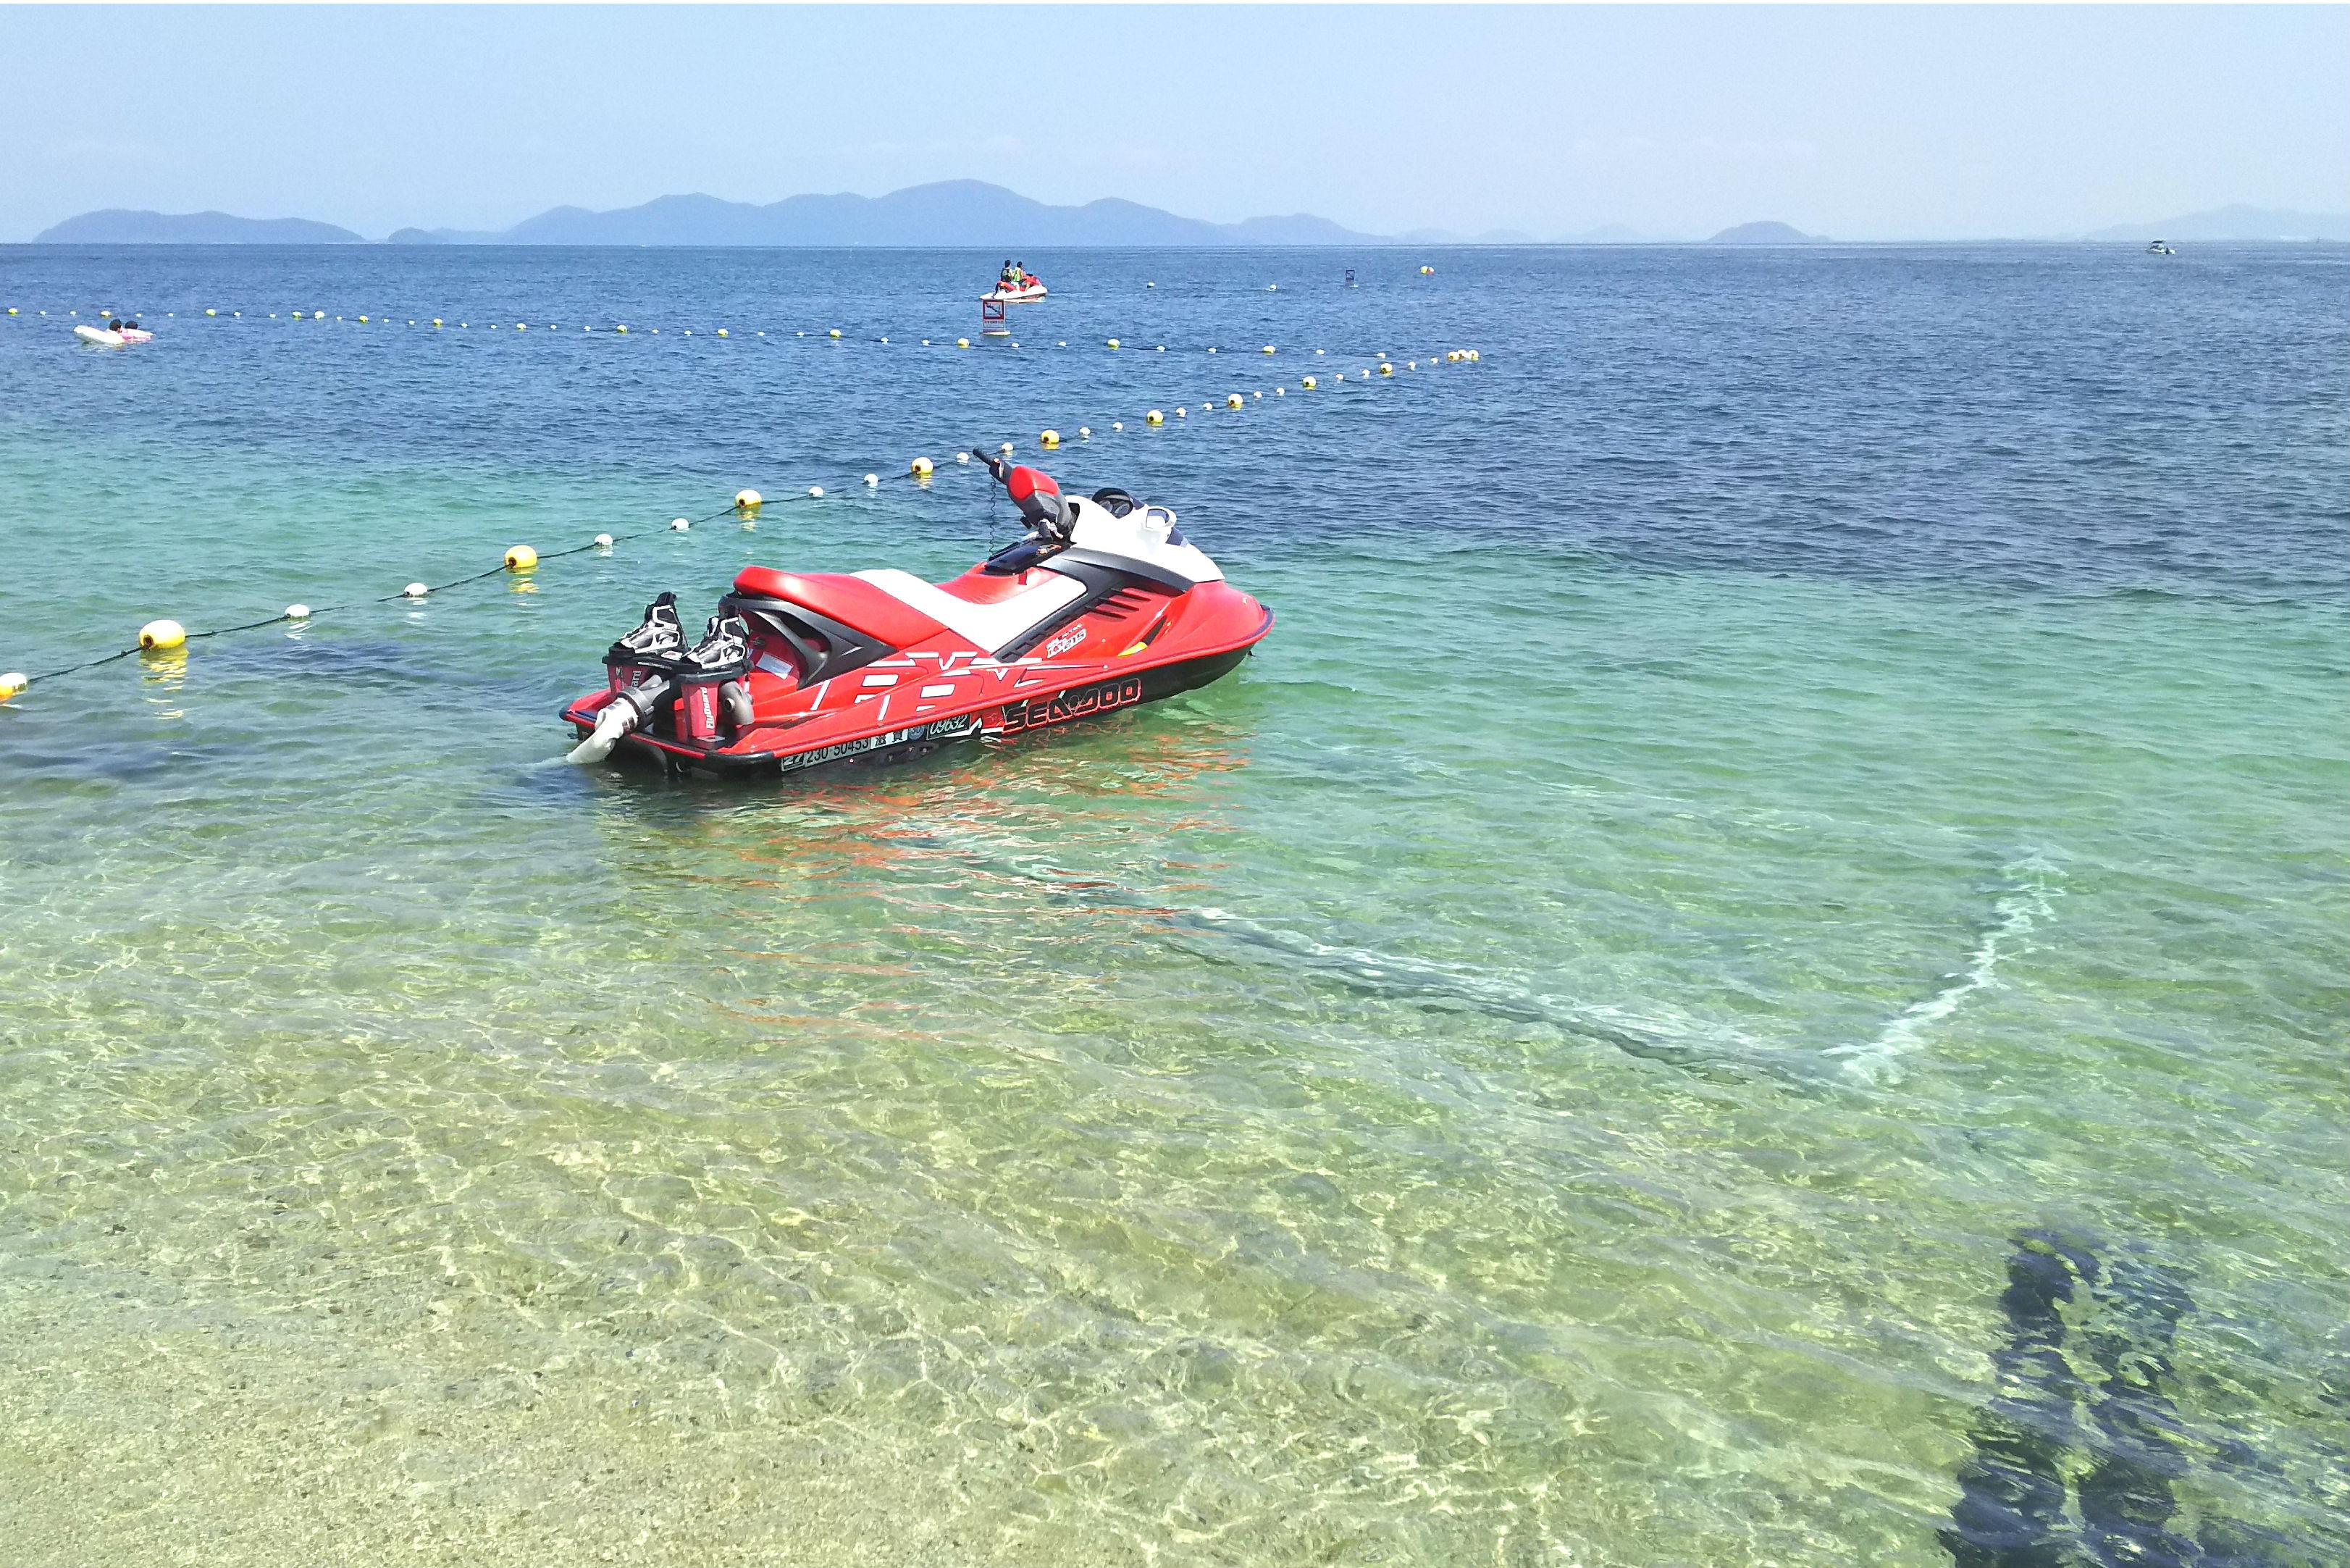 【滋賀・琵琶湖】ベタベタしない!透明度最高の完全淡水!フライボード体験